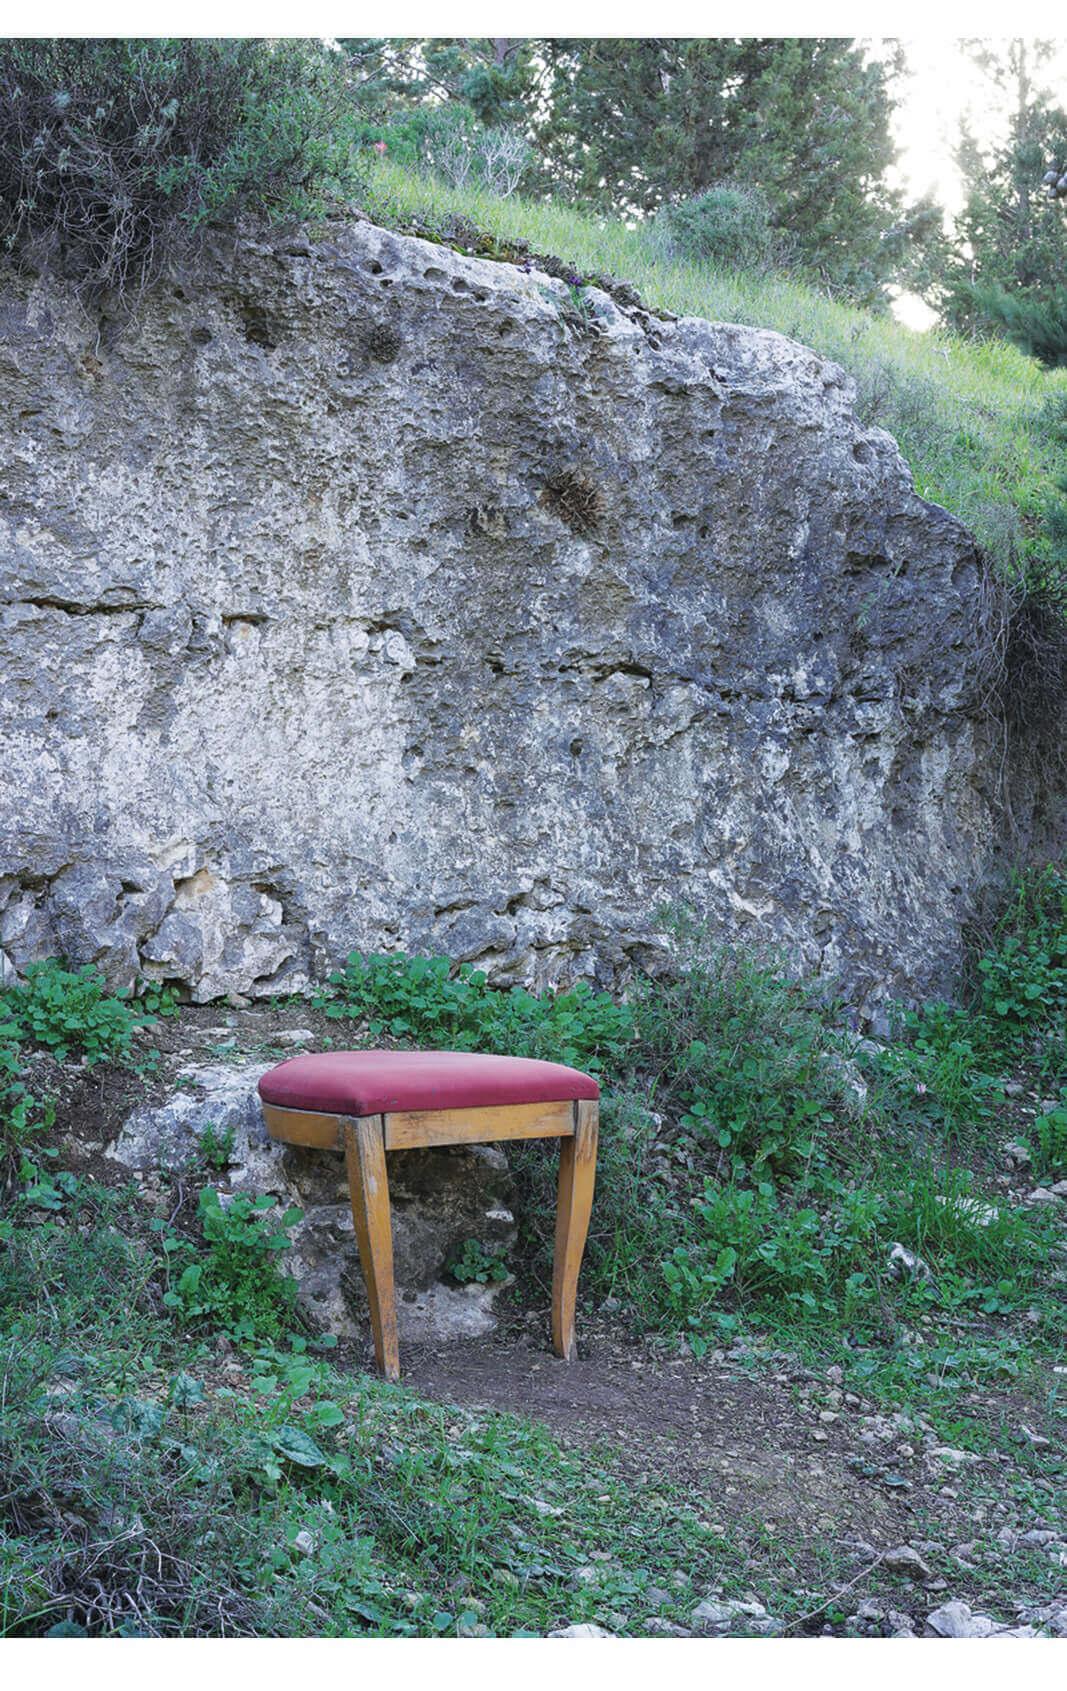 כיסא התבודדות נשען על סלע